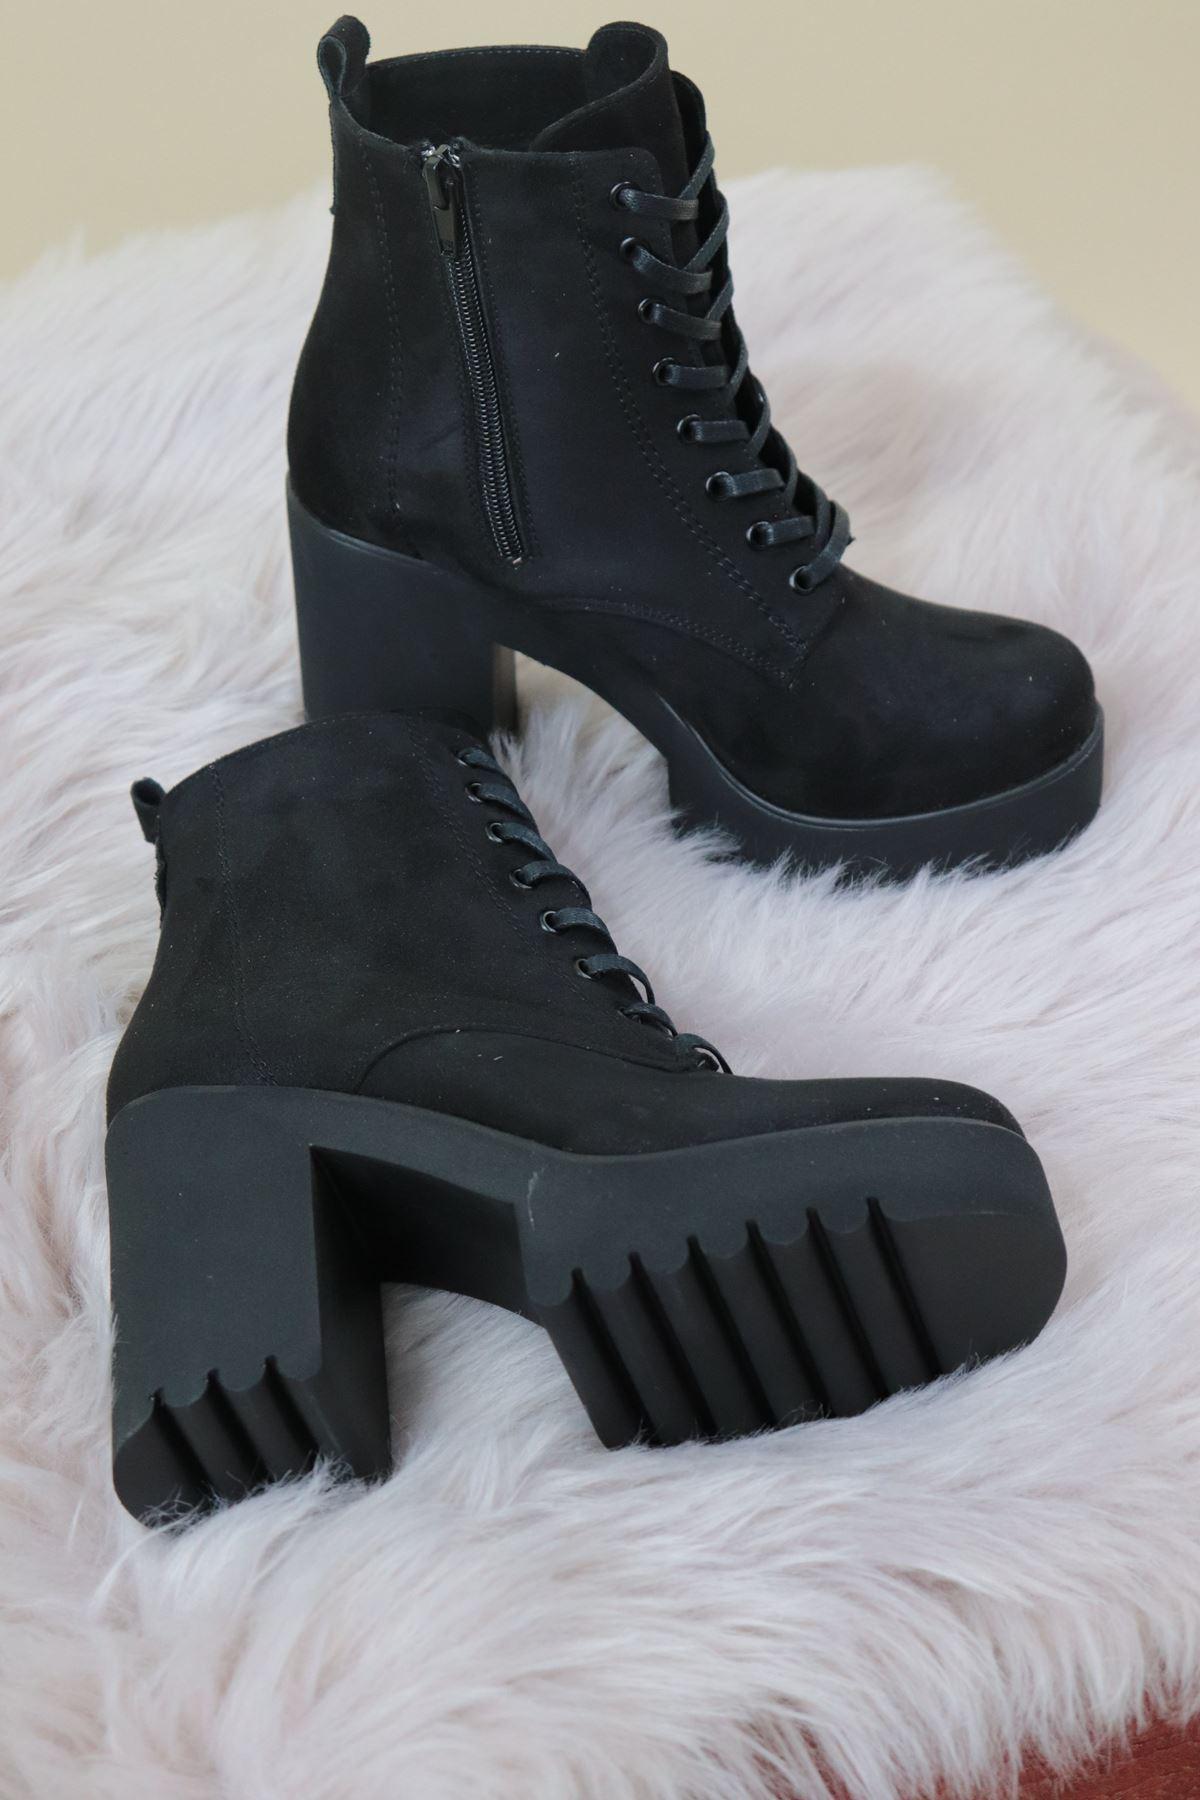 Trendayakkabı - Siyah Süet Yüksek Topuk Kadın Bot